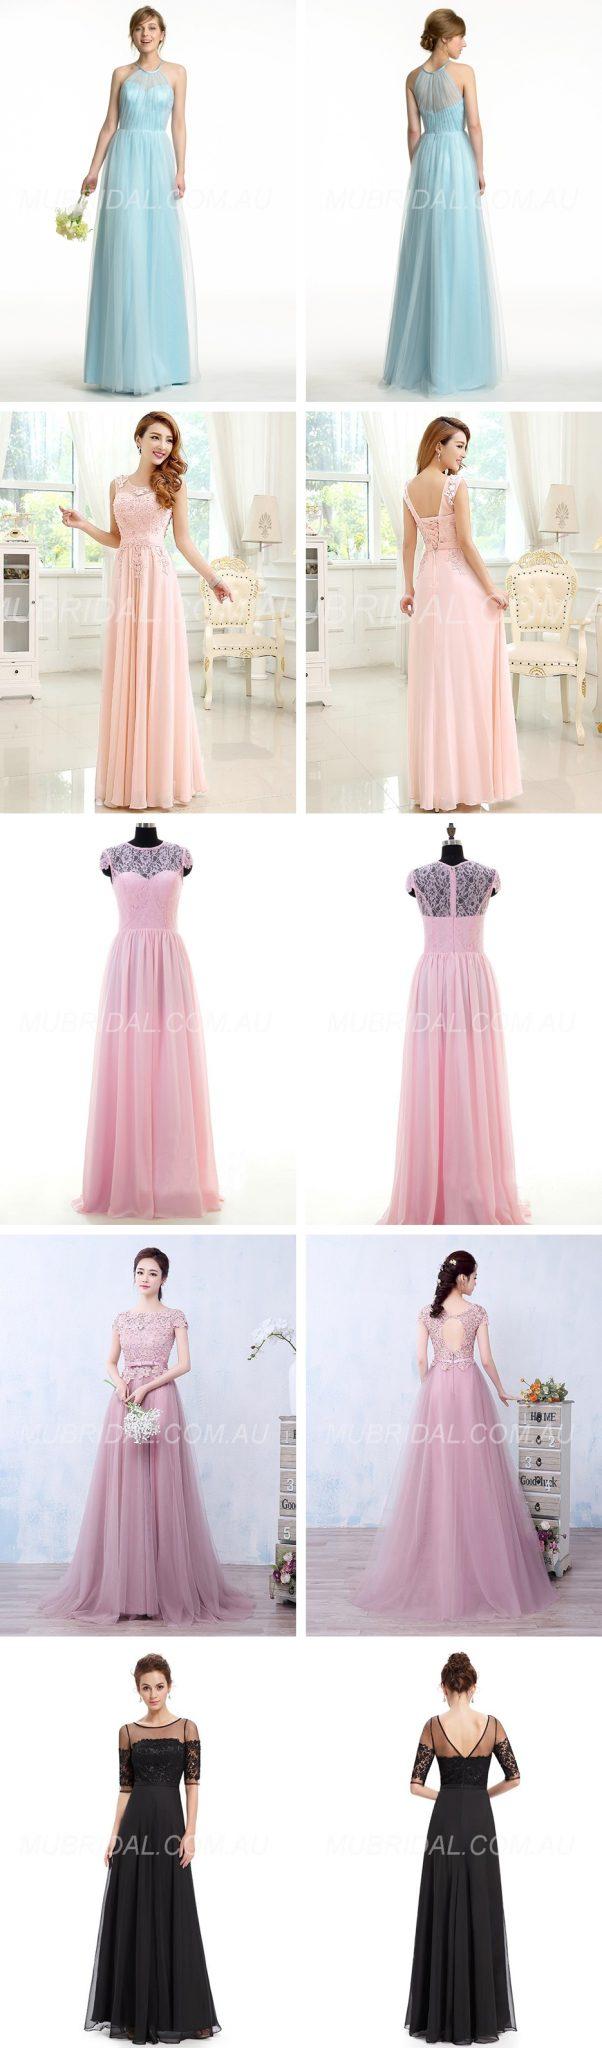 5 vestidos desejo da mubridal - 5 Vestidos Incríveis que são Desejo